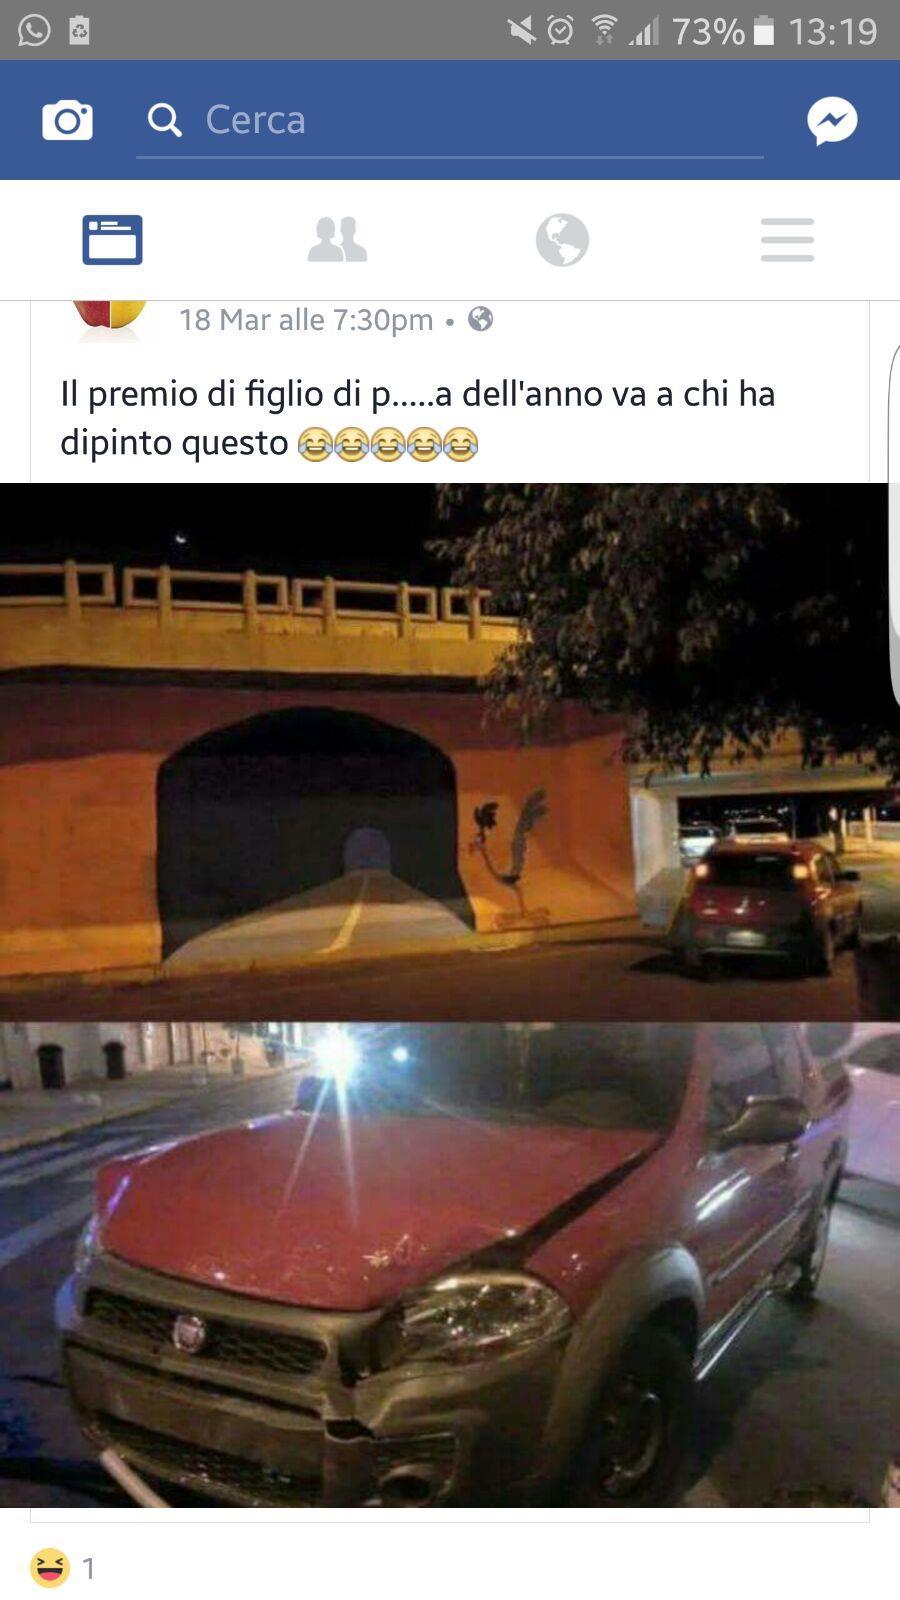 Immagini divertenti per WhatsApp - una automobile distrutta a causa di uno scherzo